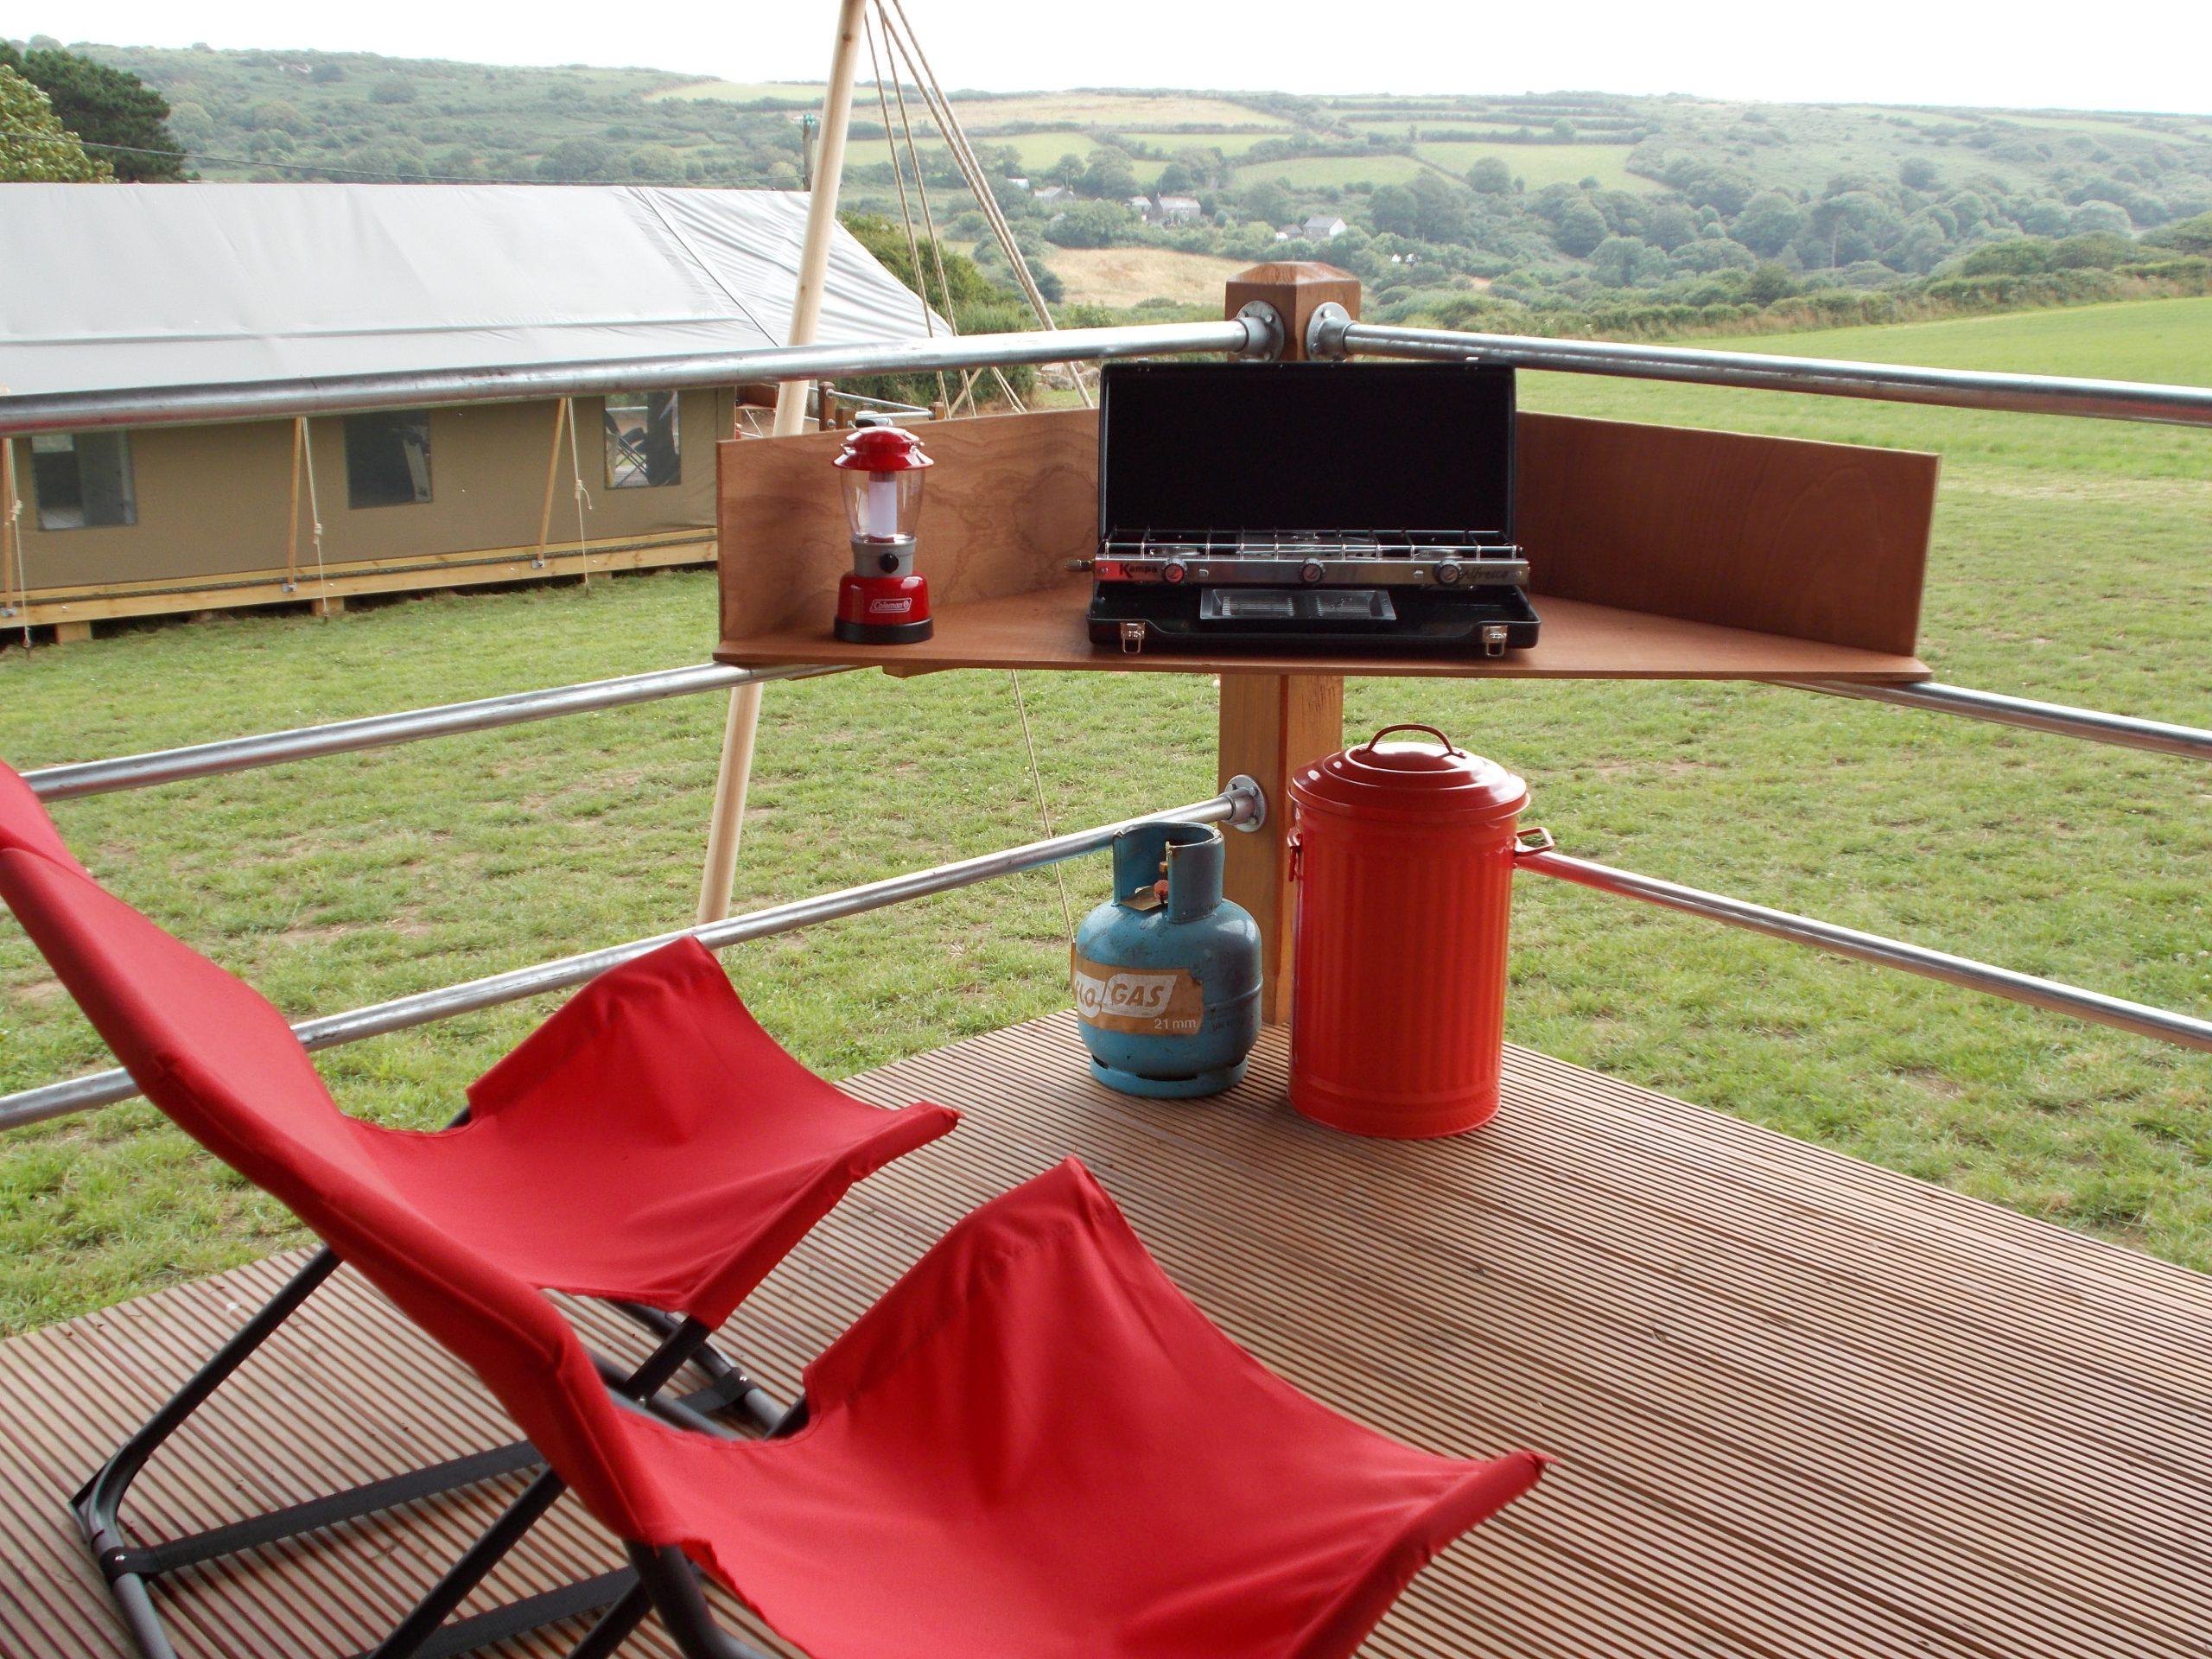 Safari tent patio